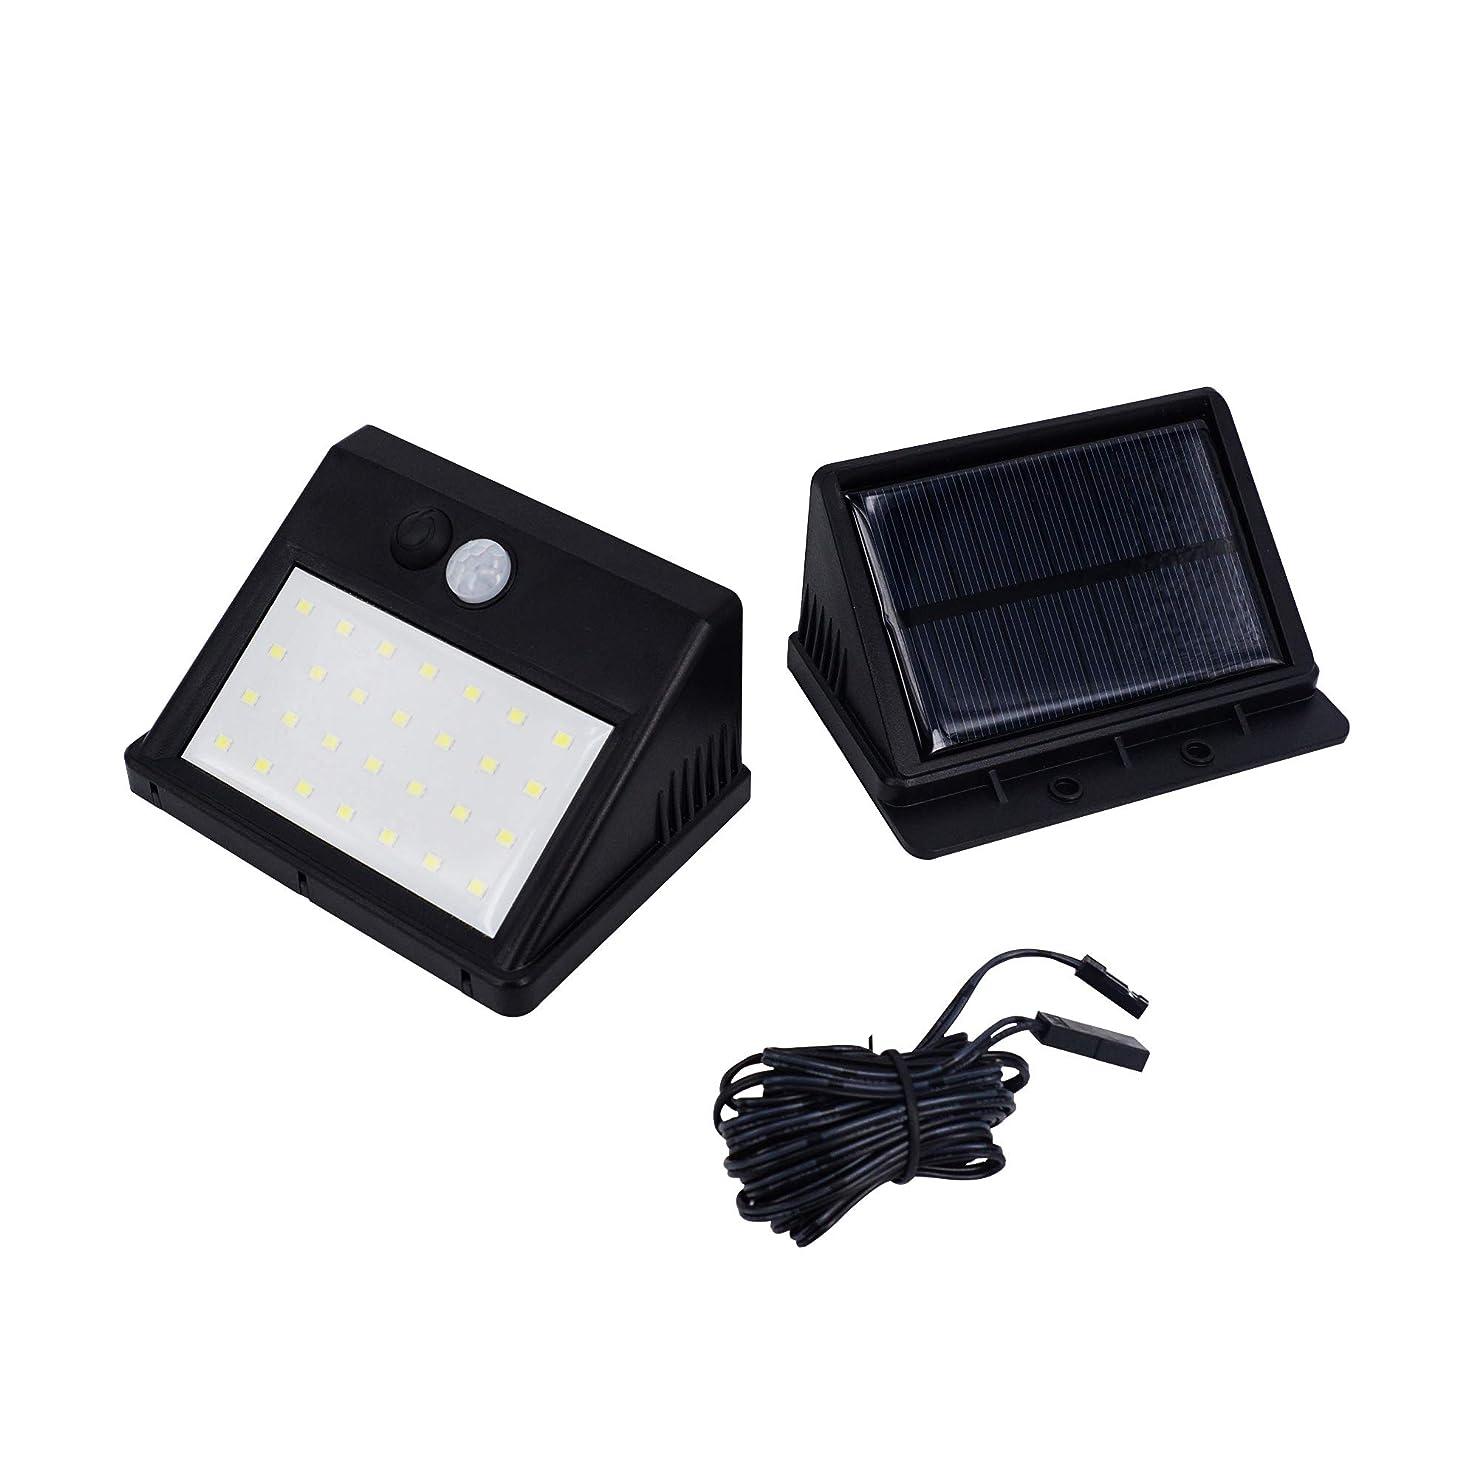 私の社説記者WithProject LEDソーラーセンサーライト ワイヤレス人感明暗センサー ソーラーパネル分離式室内外使用 3パターン切替モード 防犯灯 外灯